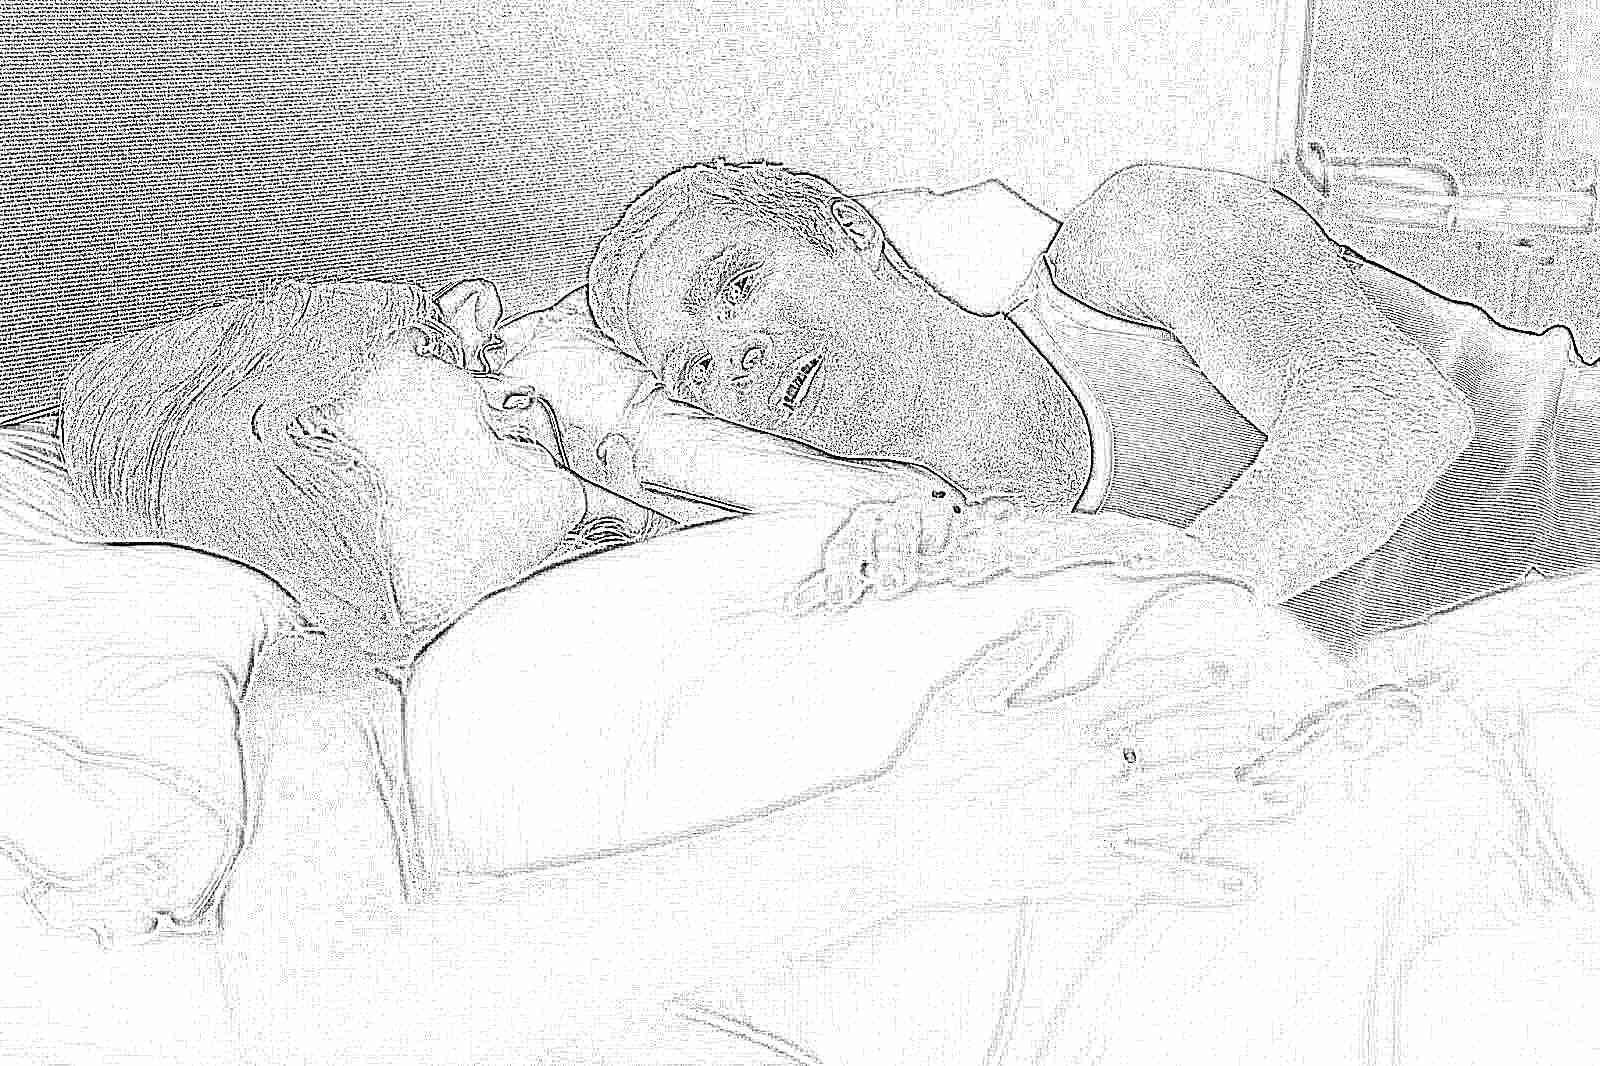 Секс в постеле домашний, Муж и жена в постели снимают домашнее порно 12 фотография